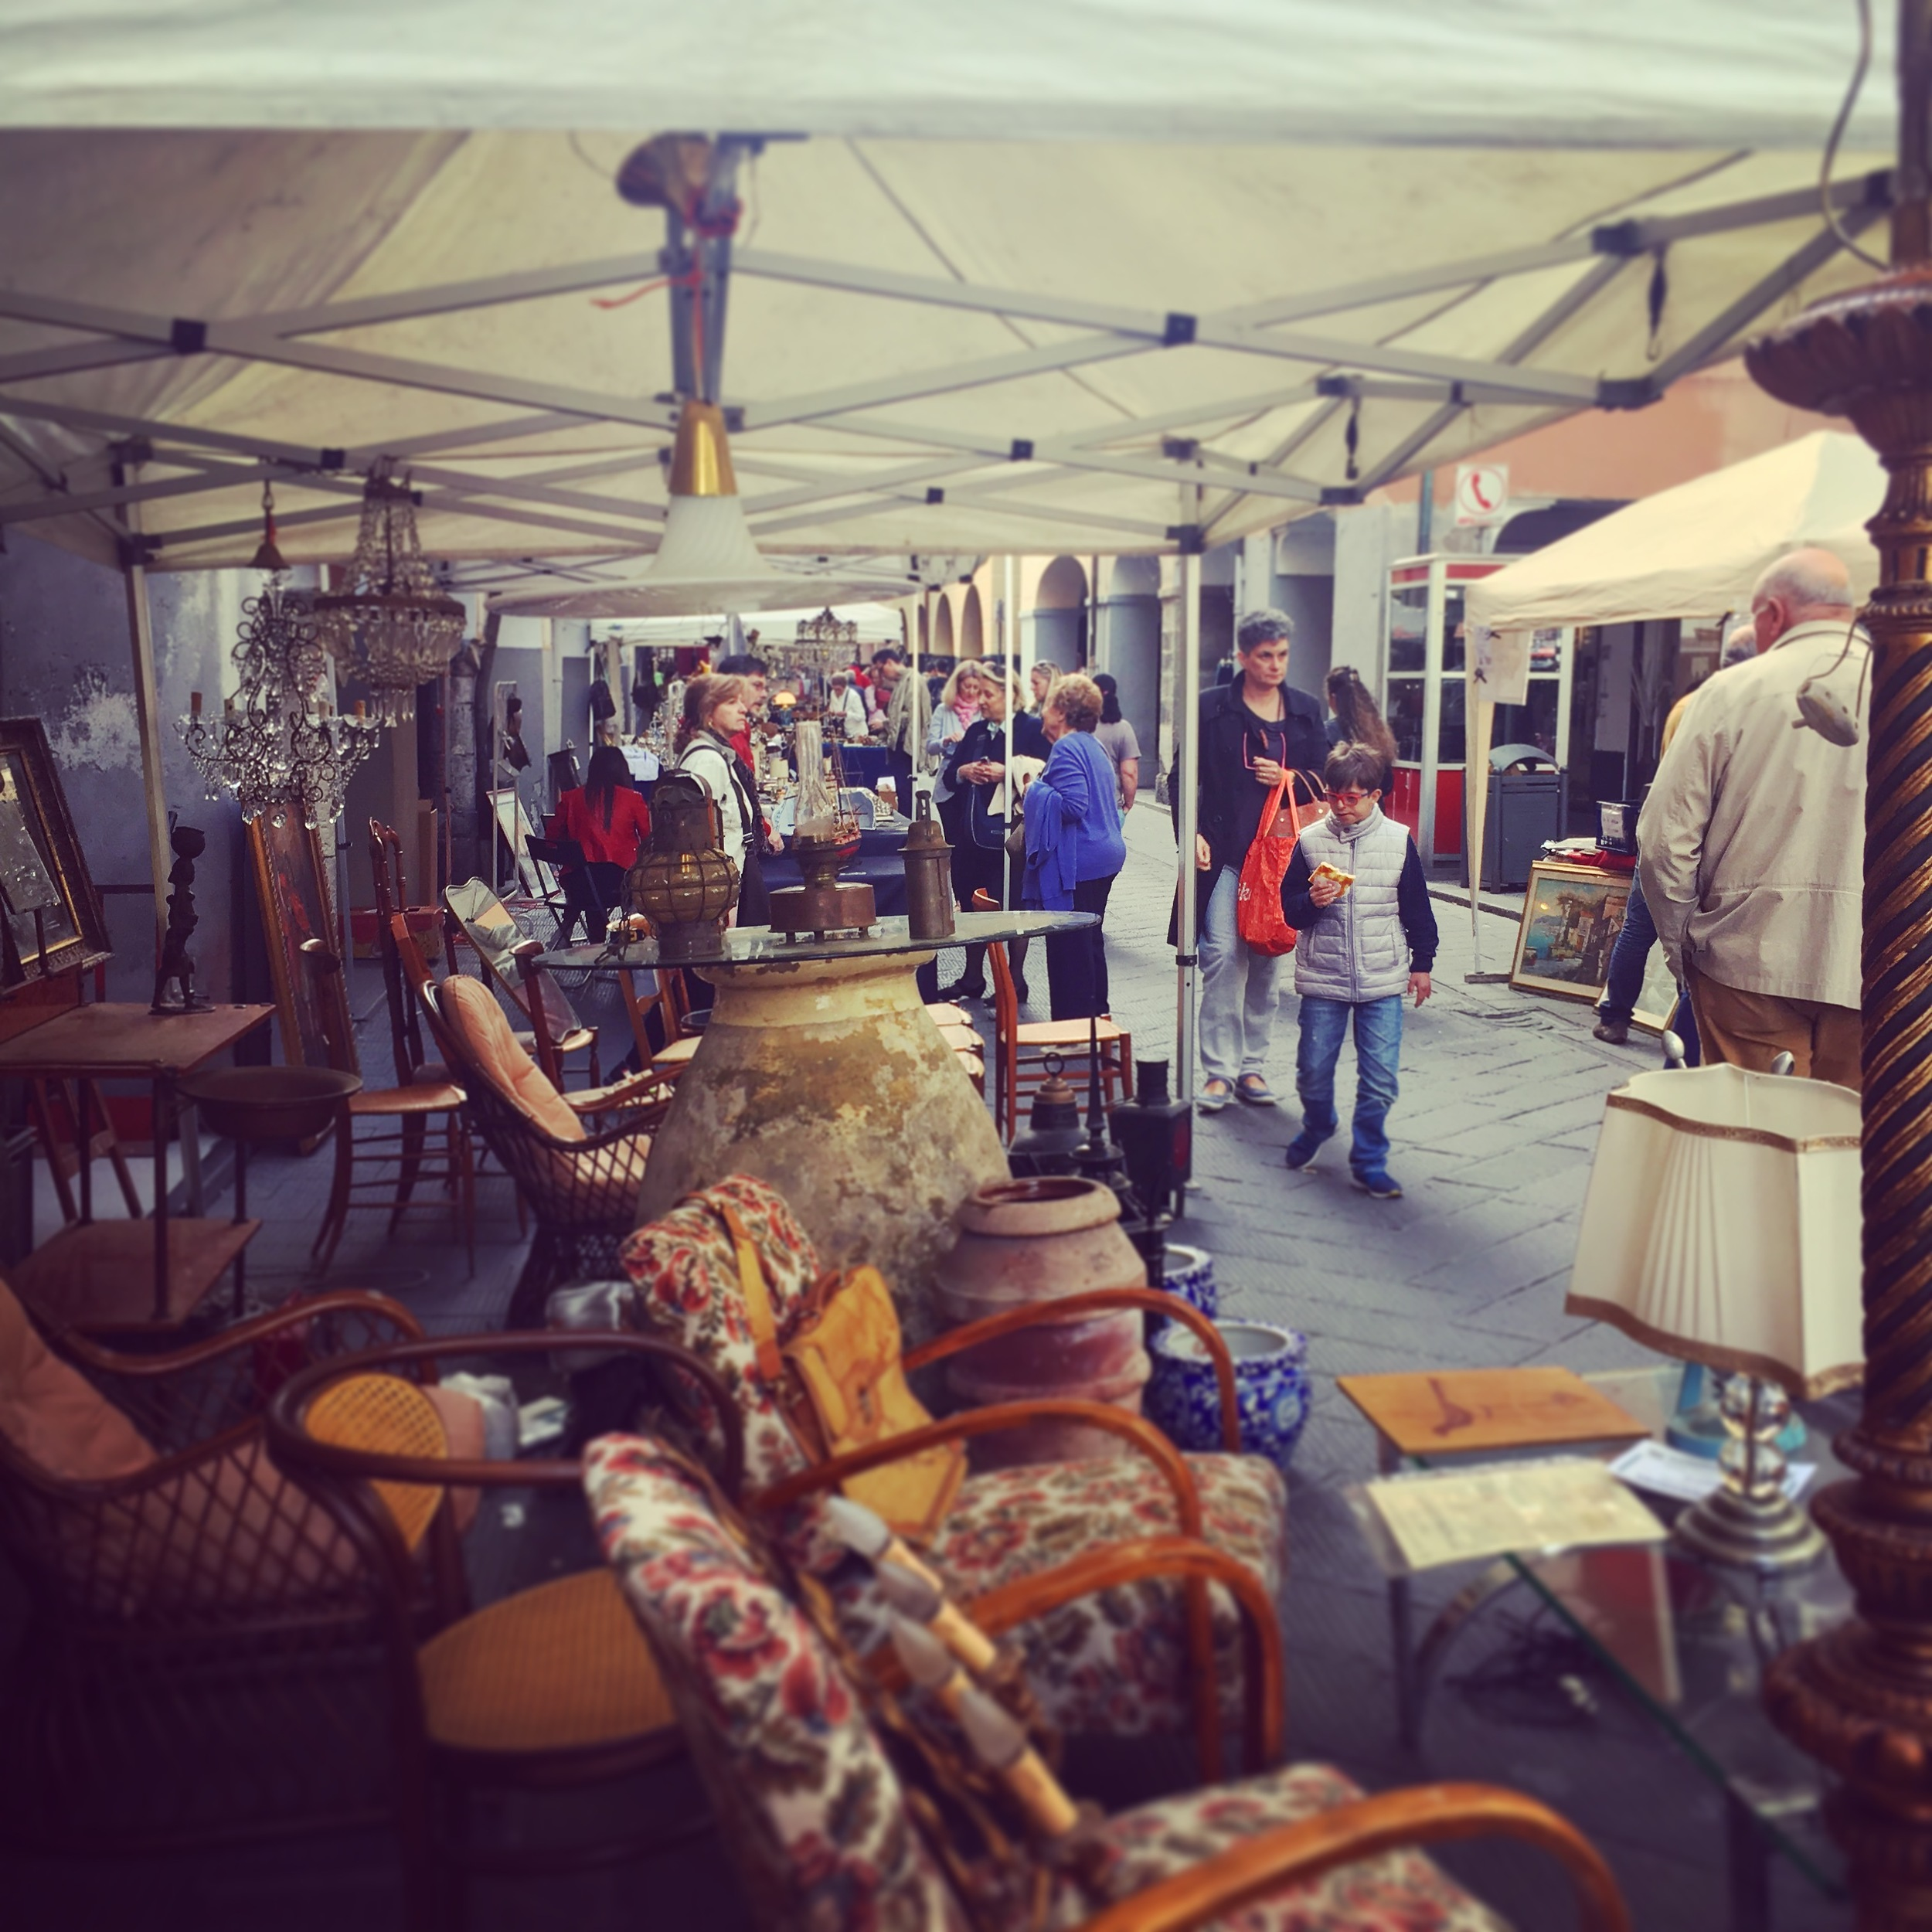 Flea Market in Chiavari. Or rather, 'Mercato delle Pulce'.. sounds prettier in Italian